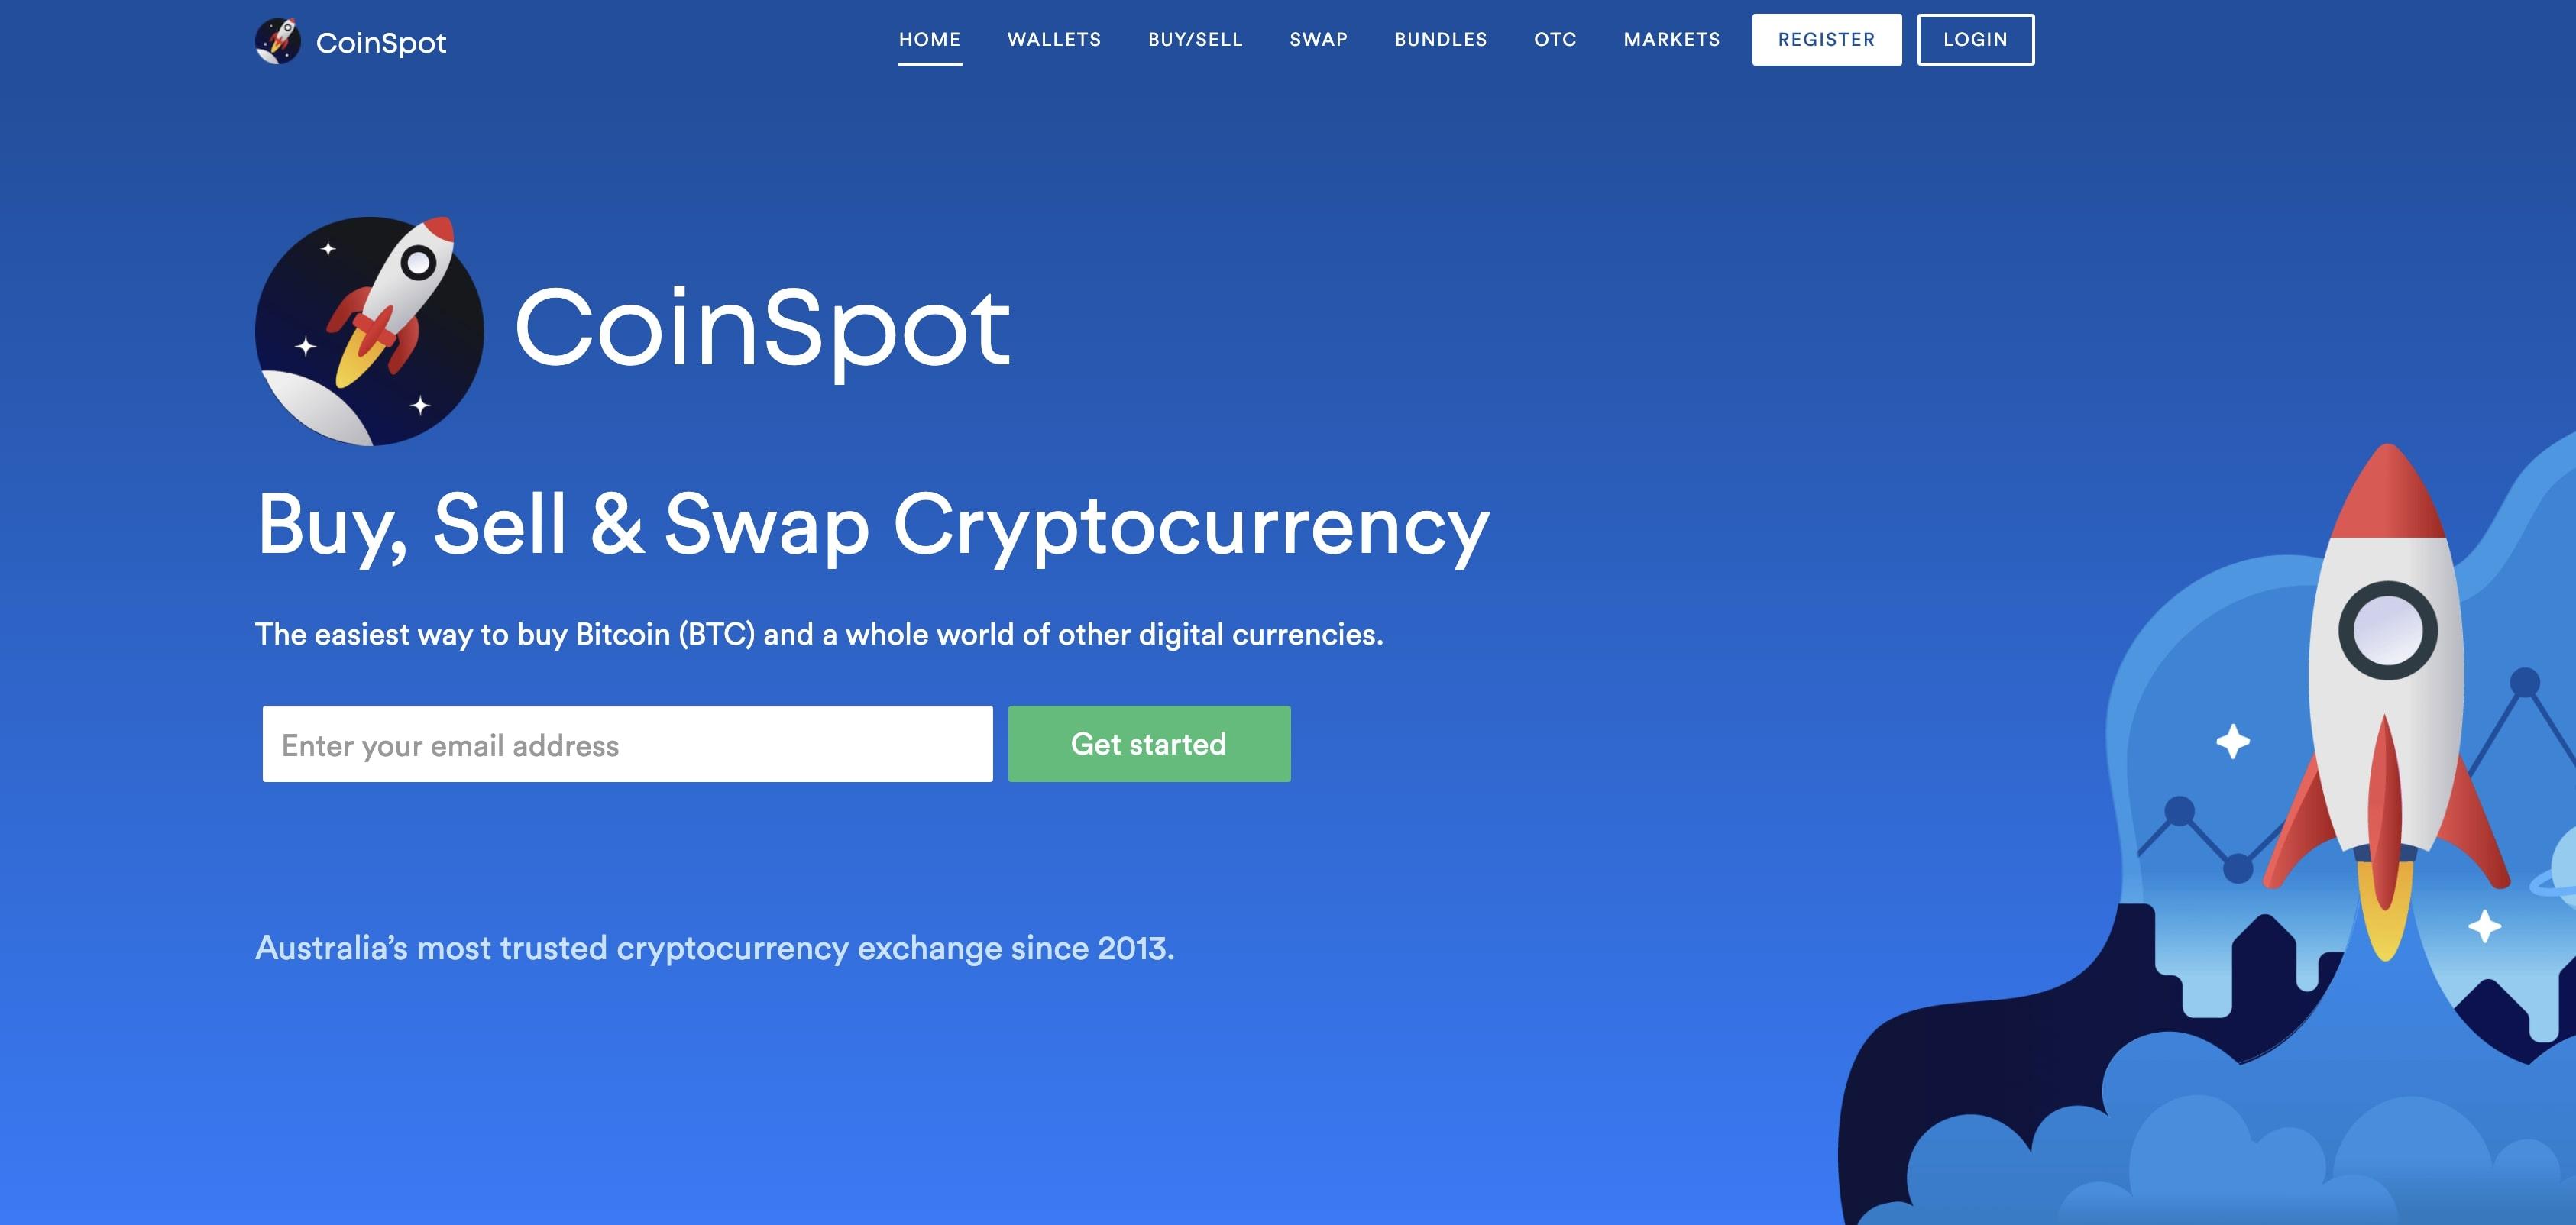 CoinSpot login screen